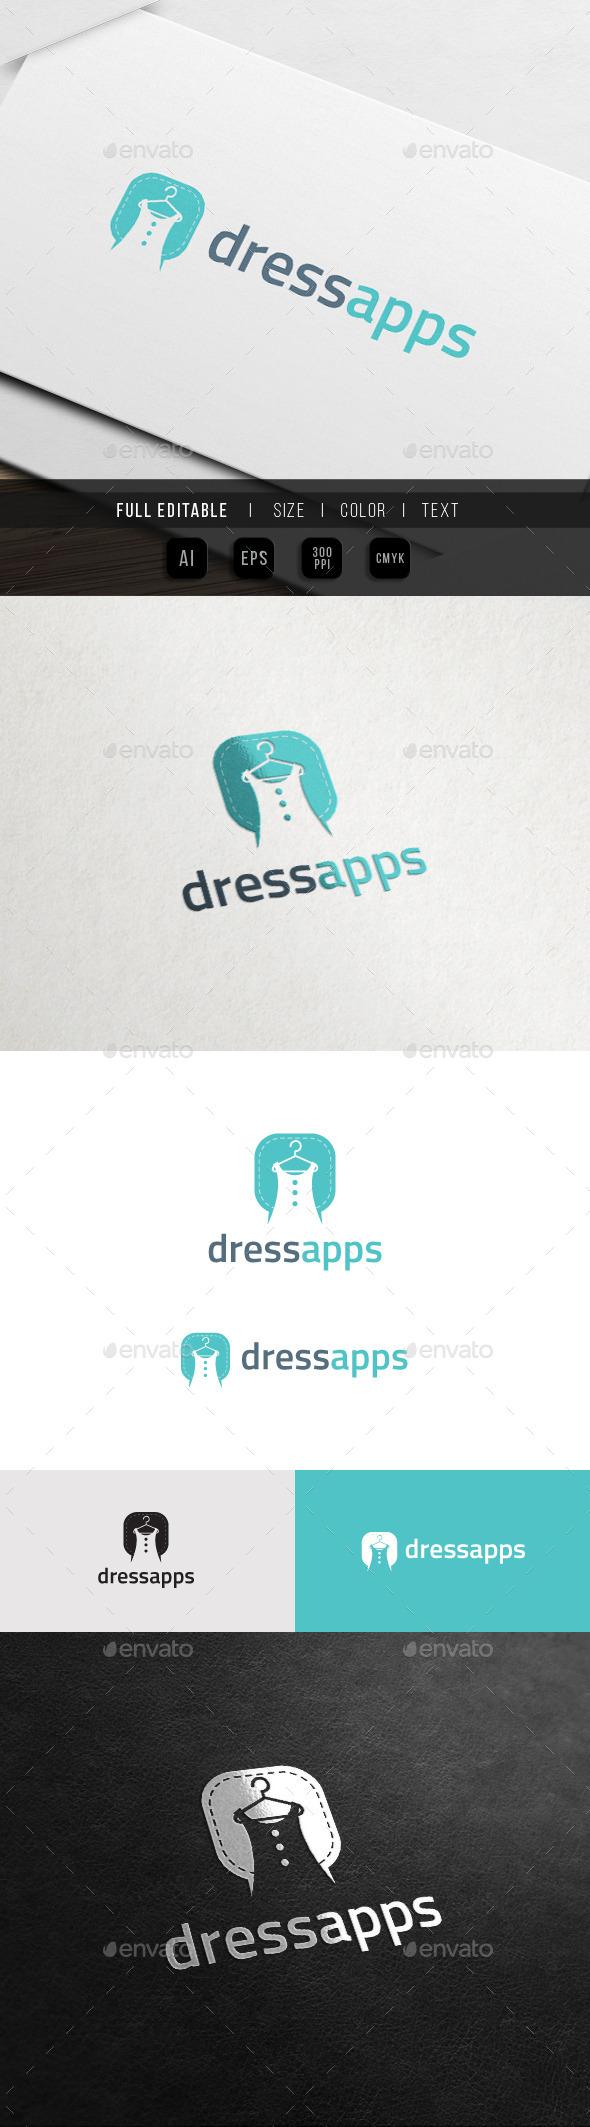 Dress App - Fashion Boutique - e-Commerce